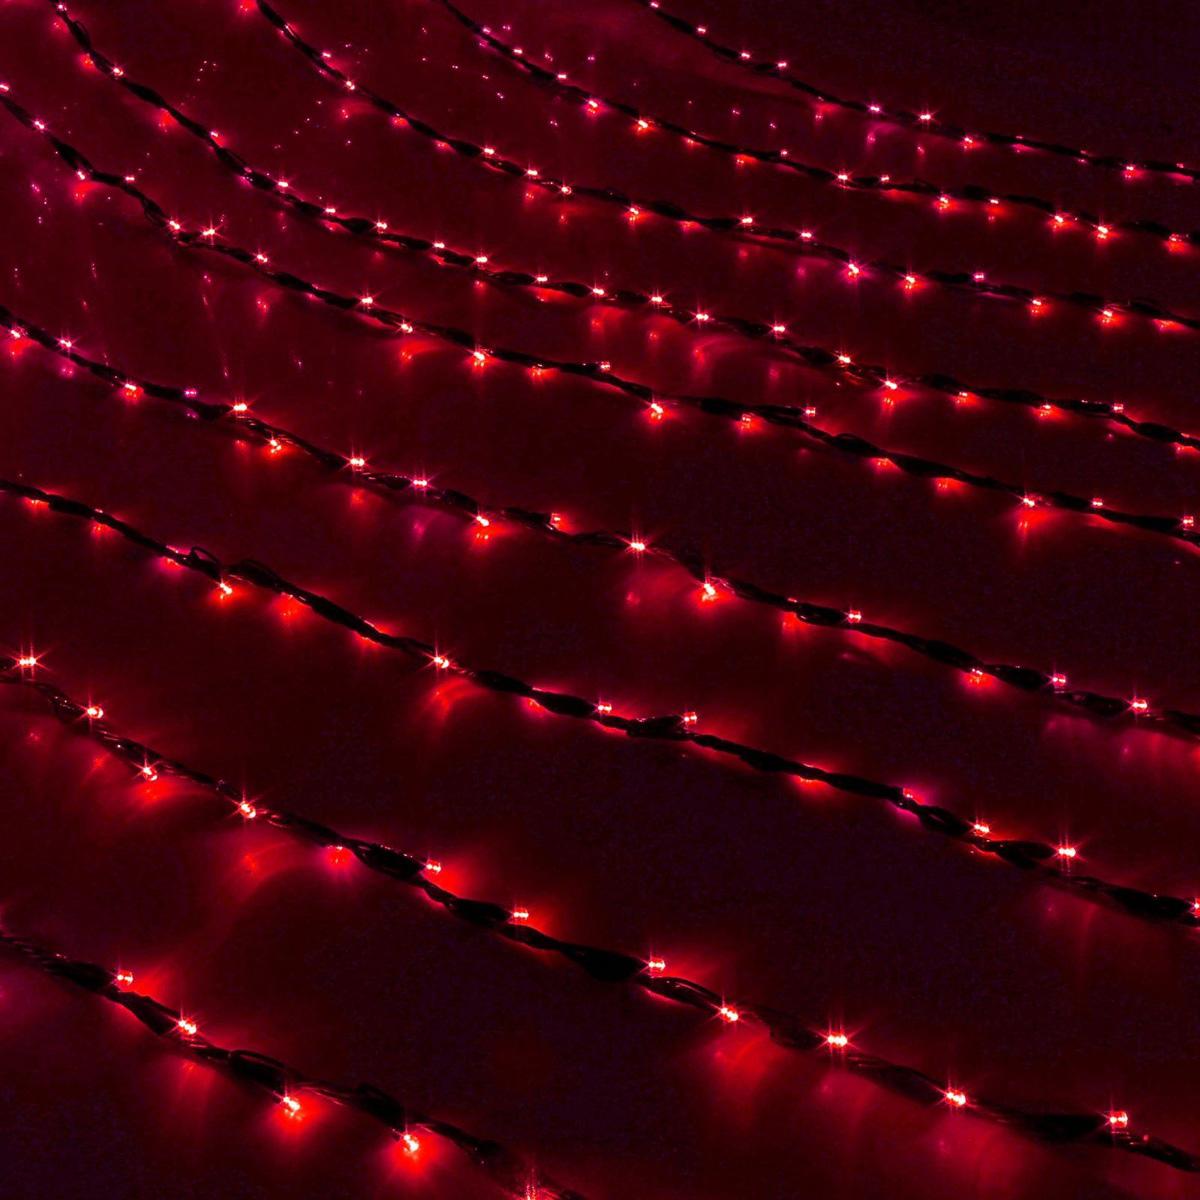 Гирлянда светодиодная Luazon Дождь, уличная, 8 режимов, 400 ламп, 220 V, цвет: красный, 2 х 1,5 м. 187296187296Светодиодные гирлянды, ленты и т.д — это отличный вариант для новогоднего оформления интерьера или фасада. С их помощью помещение любого размера можно превратить в праздничный зал, а внешние элементы зданий, украшенные ими, мгновенно станут напоминать очертания сказочного дворца. Такие украшения создают ауру предвкушения чуда. Деревья, фасады, витрины, окна и арки будто специально созданы, чтобы вы украсили их светящимися нитями.